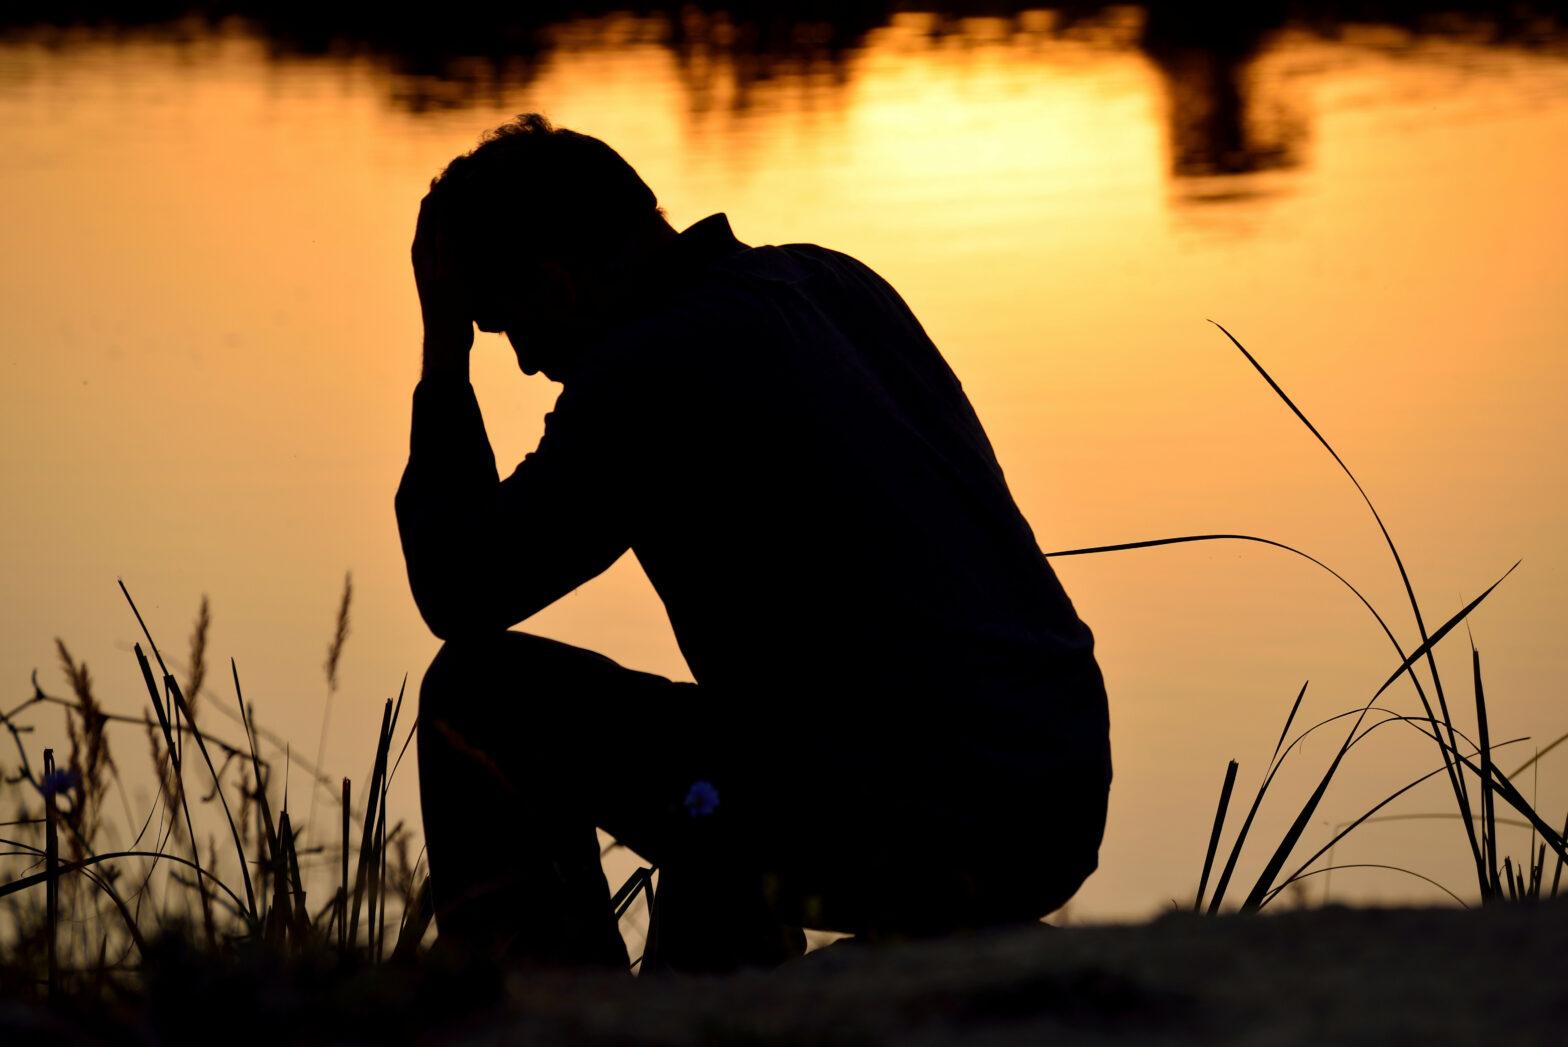 Imagen de un hombre deprimido pensnaod en el suicidio en México